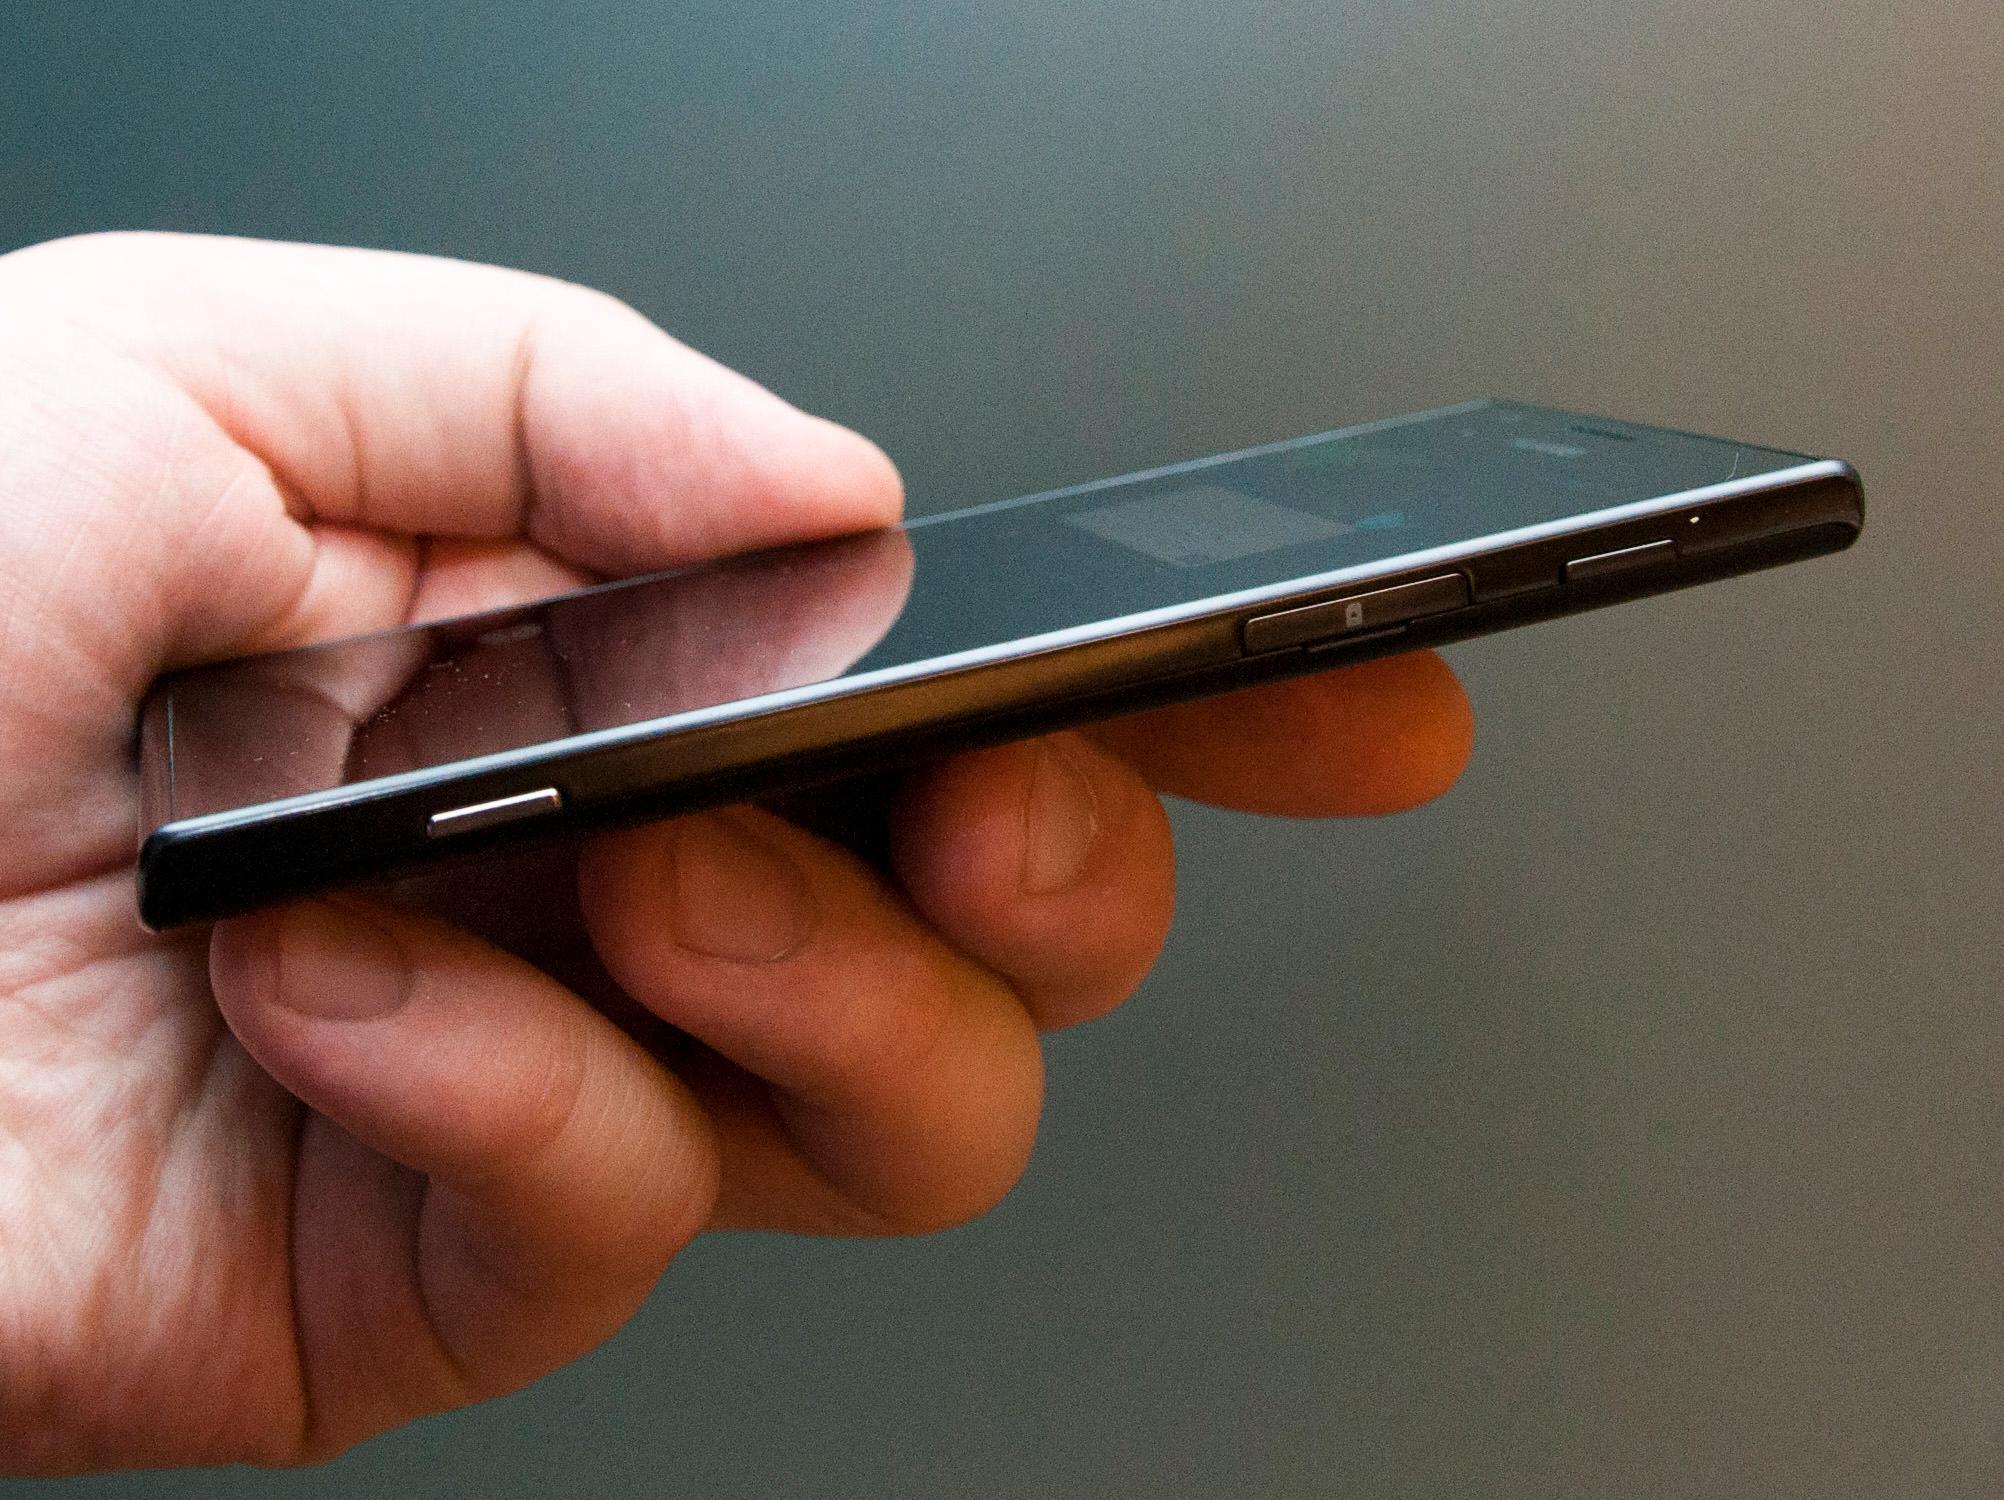 På høyre side av telefonen finner du kameraknapp, luke for SIM-kort og låseknapp. Kameraknappen fungerer når telefonen er låst, men teknikken for å få den til å reagere er ikke helt enkel.Foto: Finn Jarle Kvalheim, Amobil.no